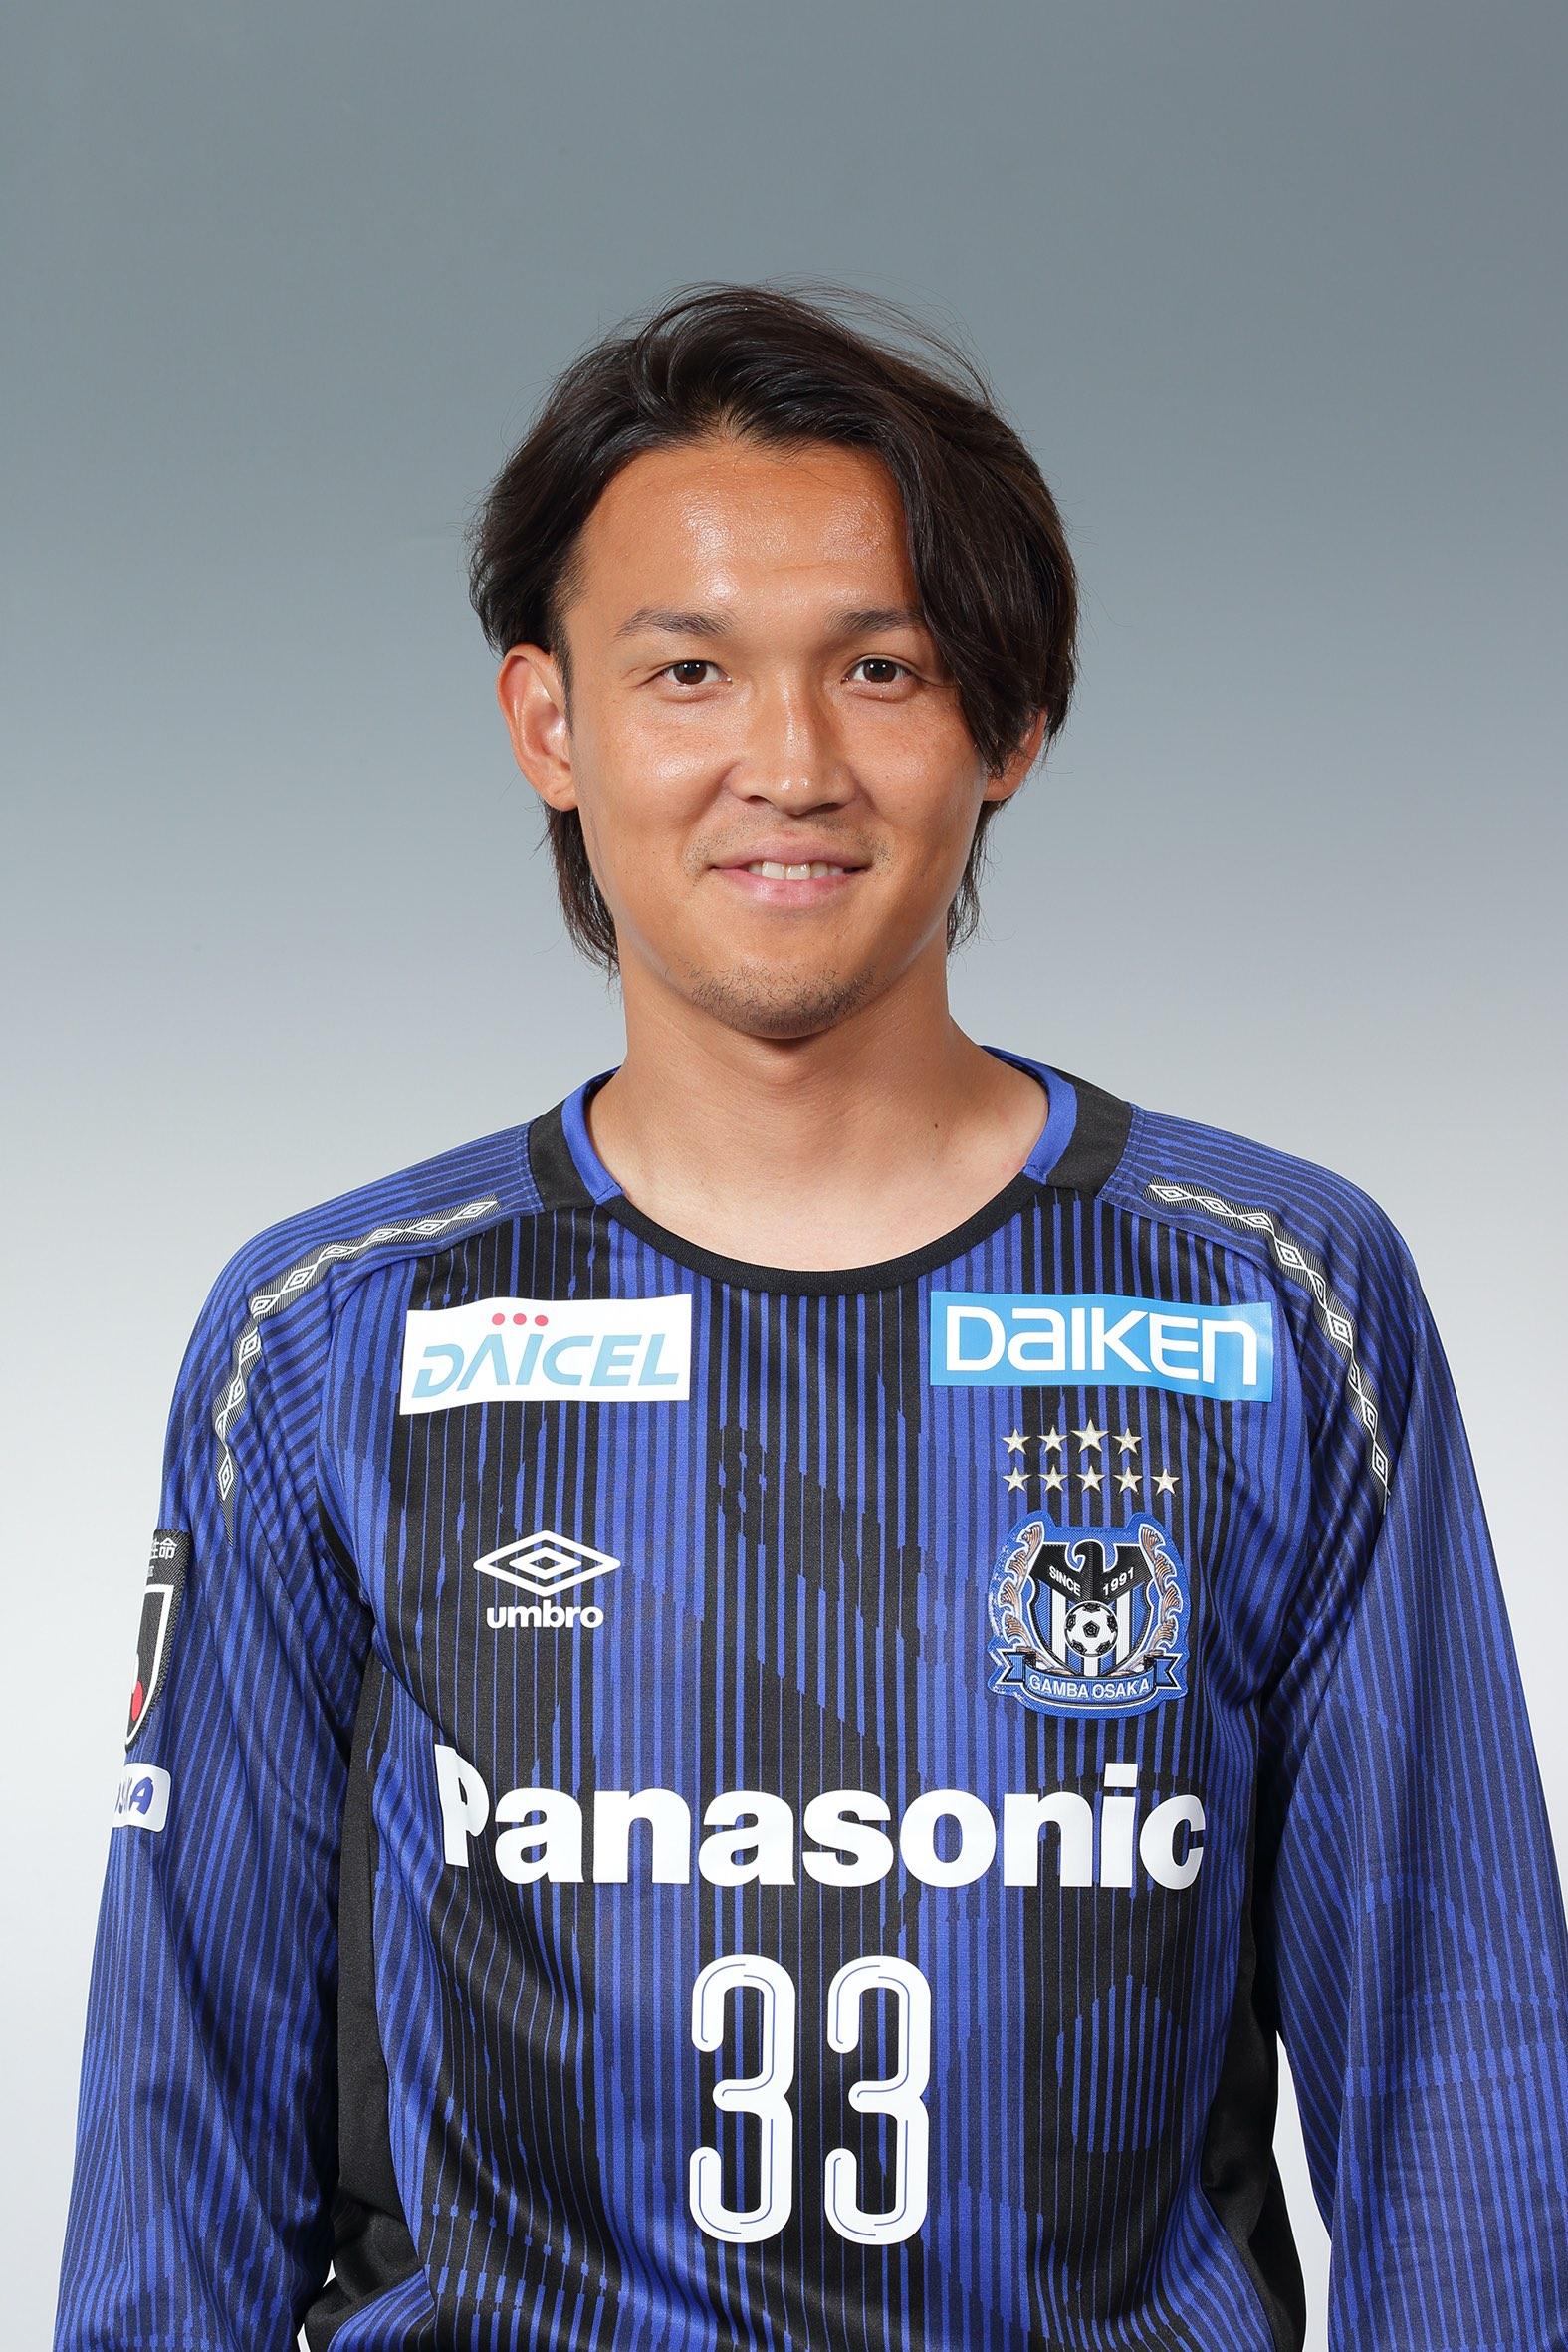 【本人直筆サイン入り公式】ガンバ大阪ユニフォーム2019HOME       宇佐美貴史 選手